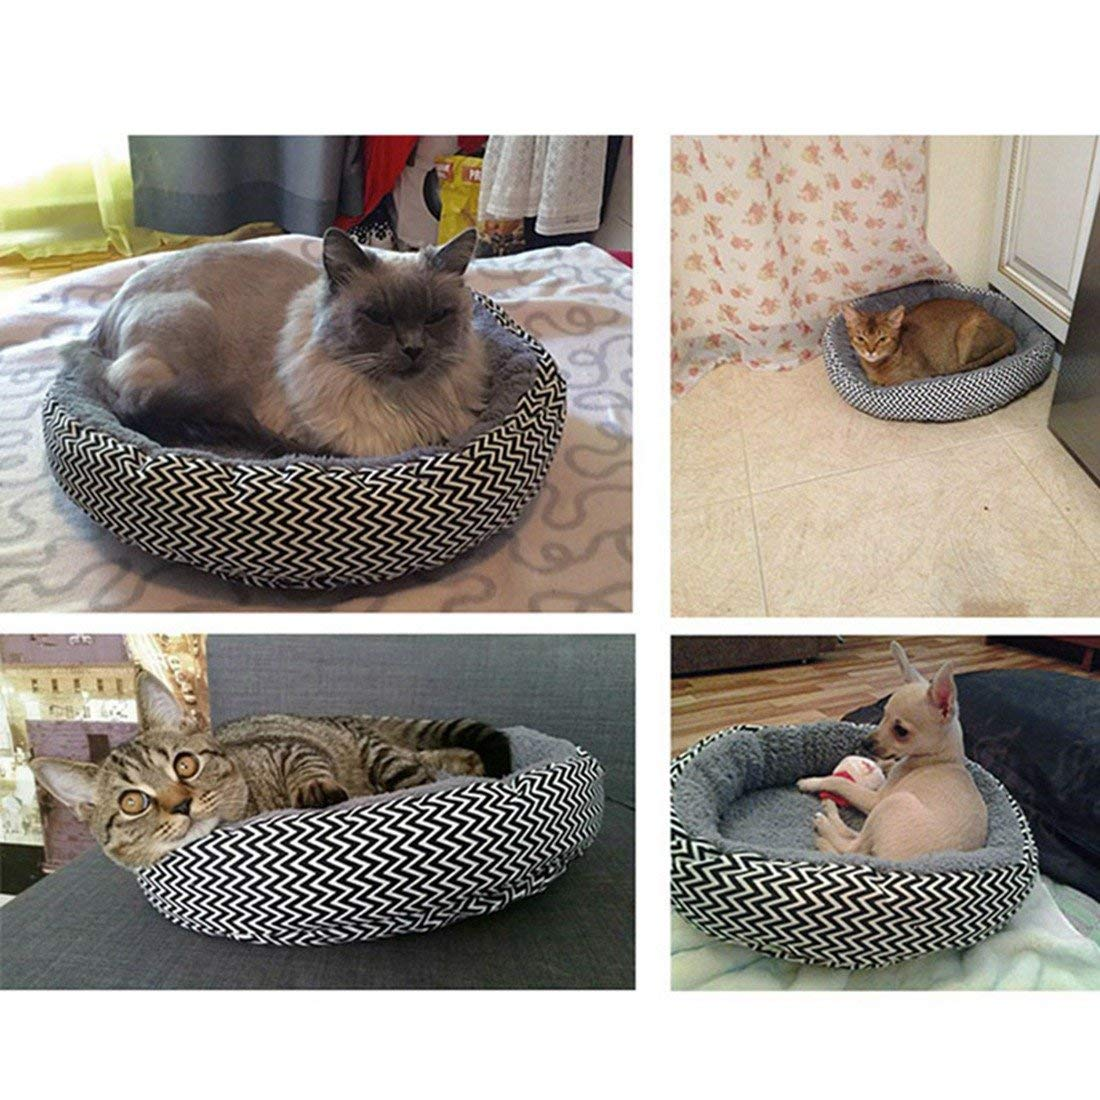 Aikesi Cuccia Rotonda per Gatto e Cane Morbido Cotone Animale Domestico Cane Cucciolo Gatto Letto Caldo Casa